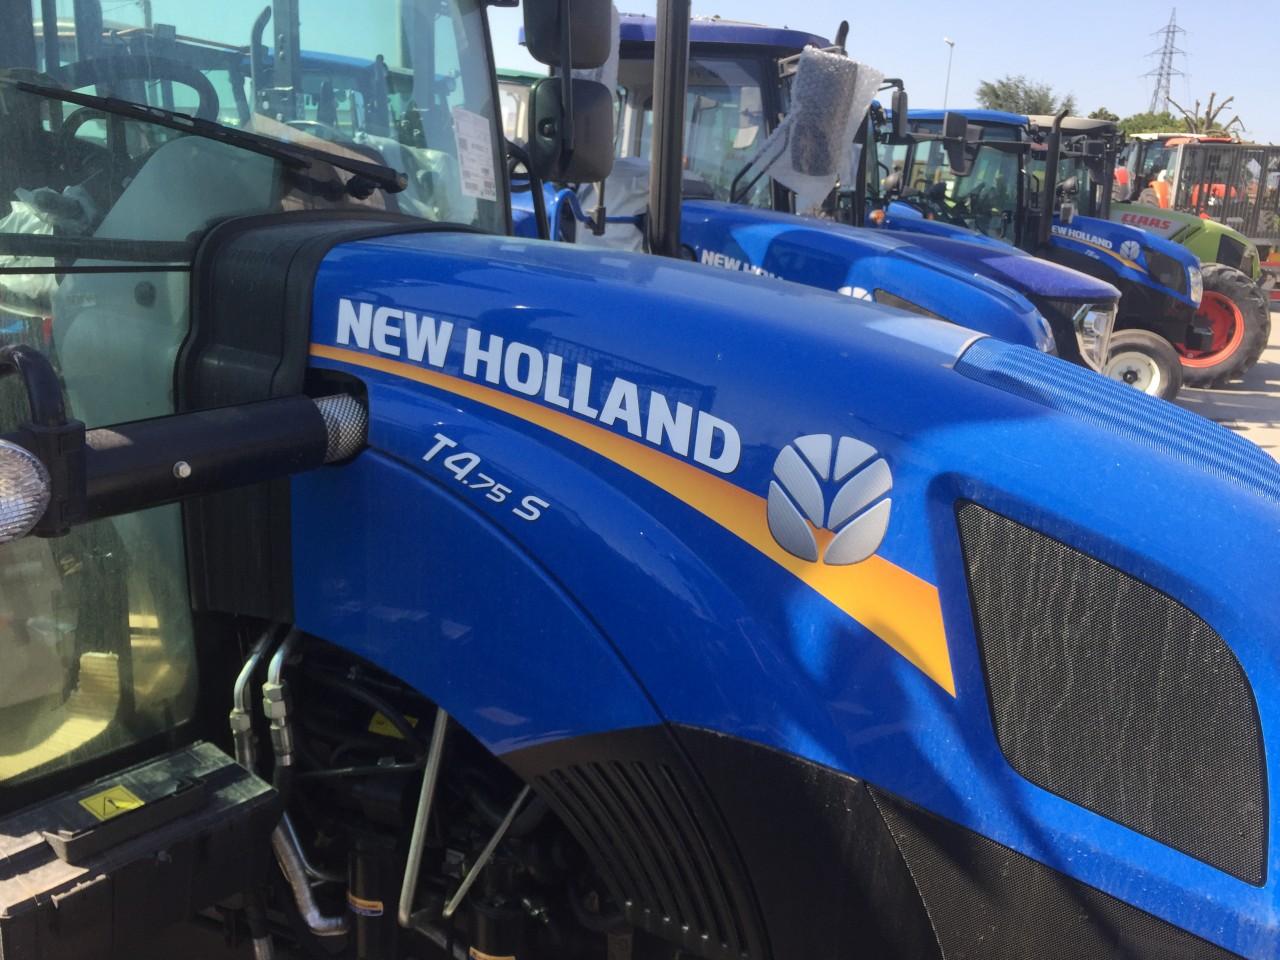 Impianto di Frenatura Pneumatico o Idraulico installato su New Holland T4 75 S